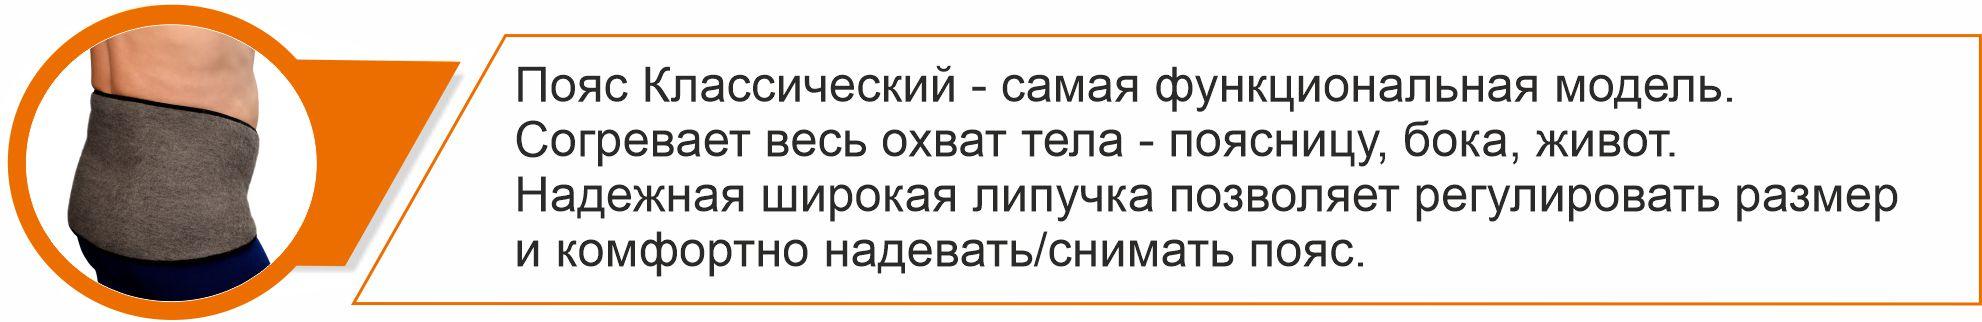 рус. СШ пояс